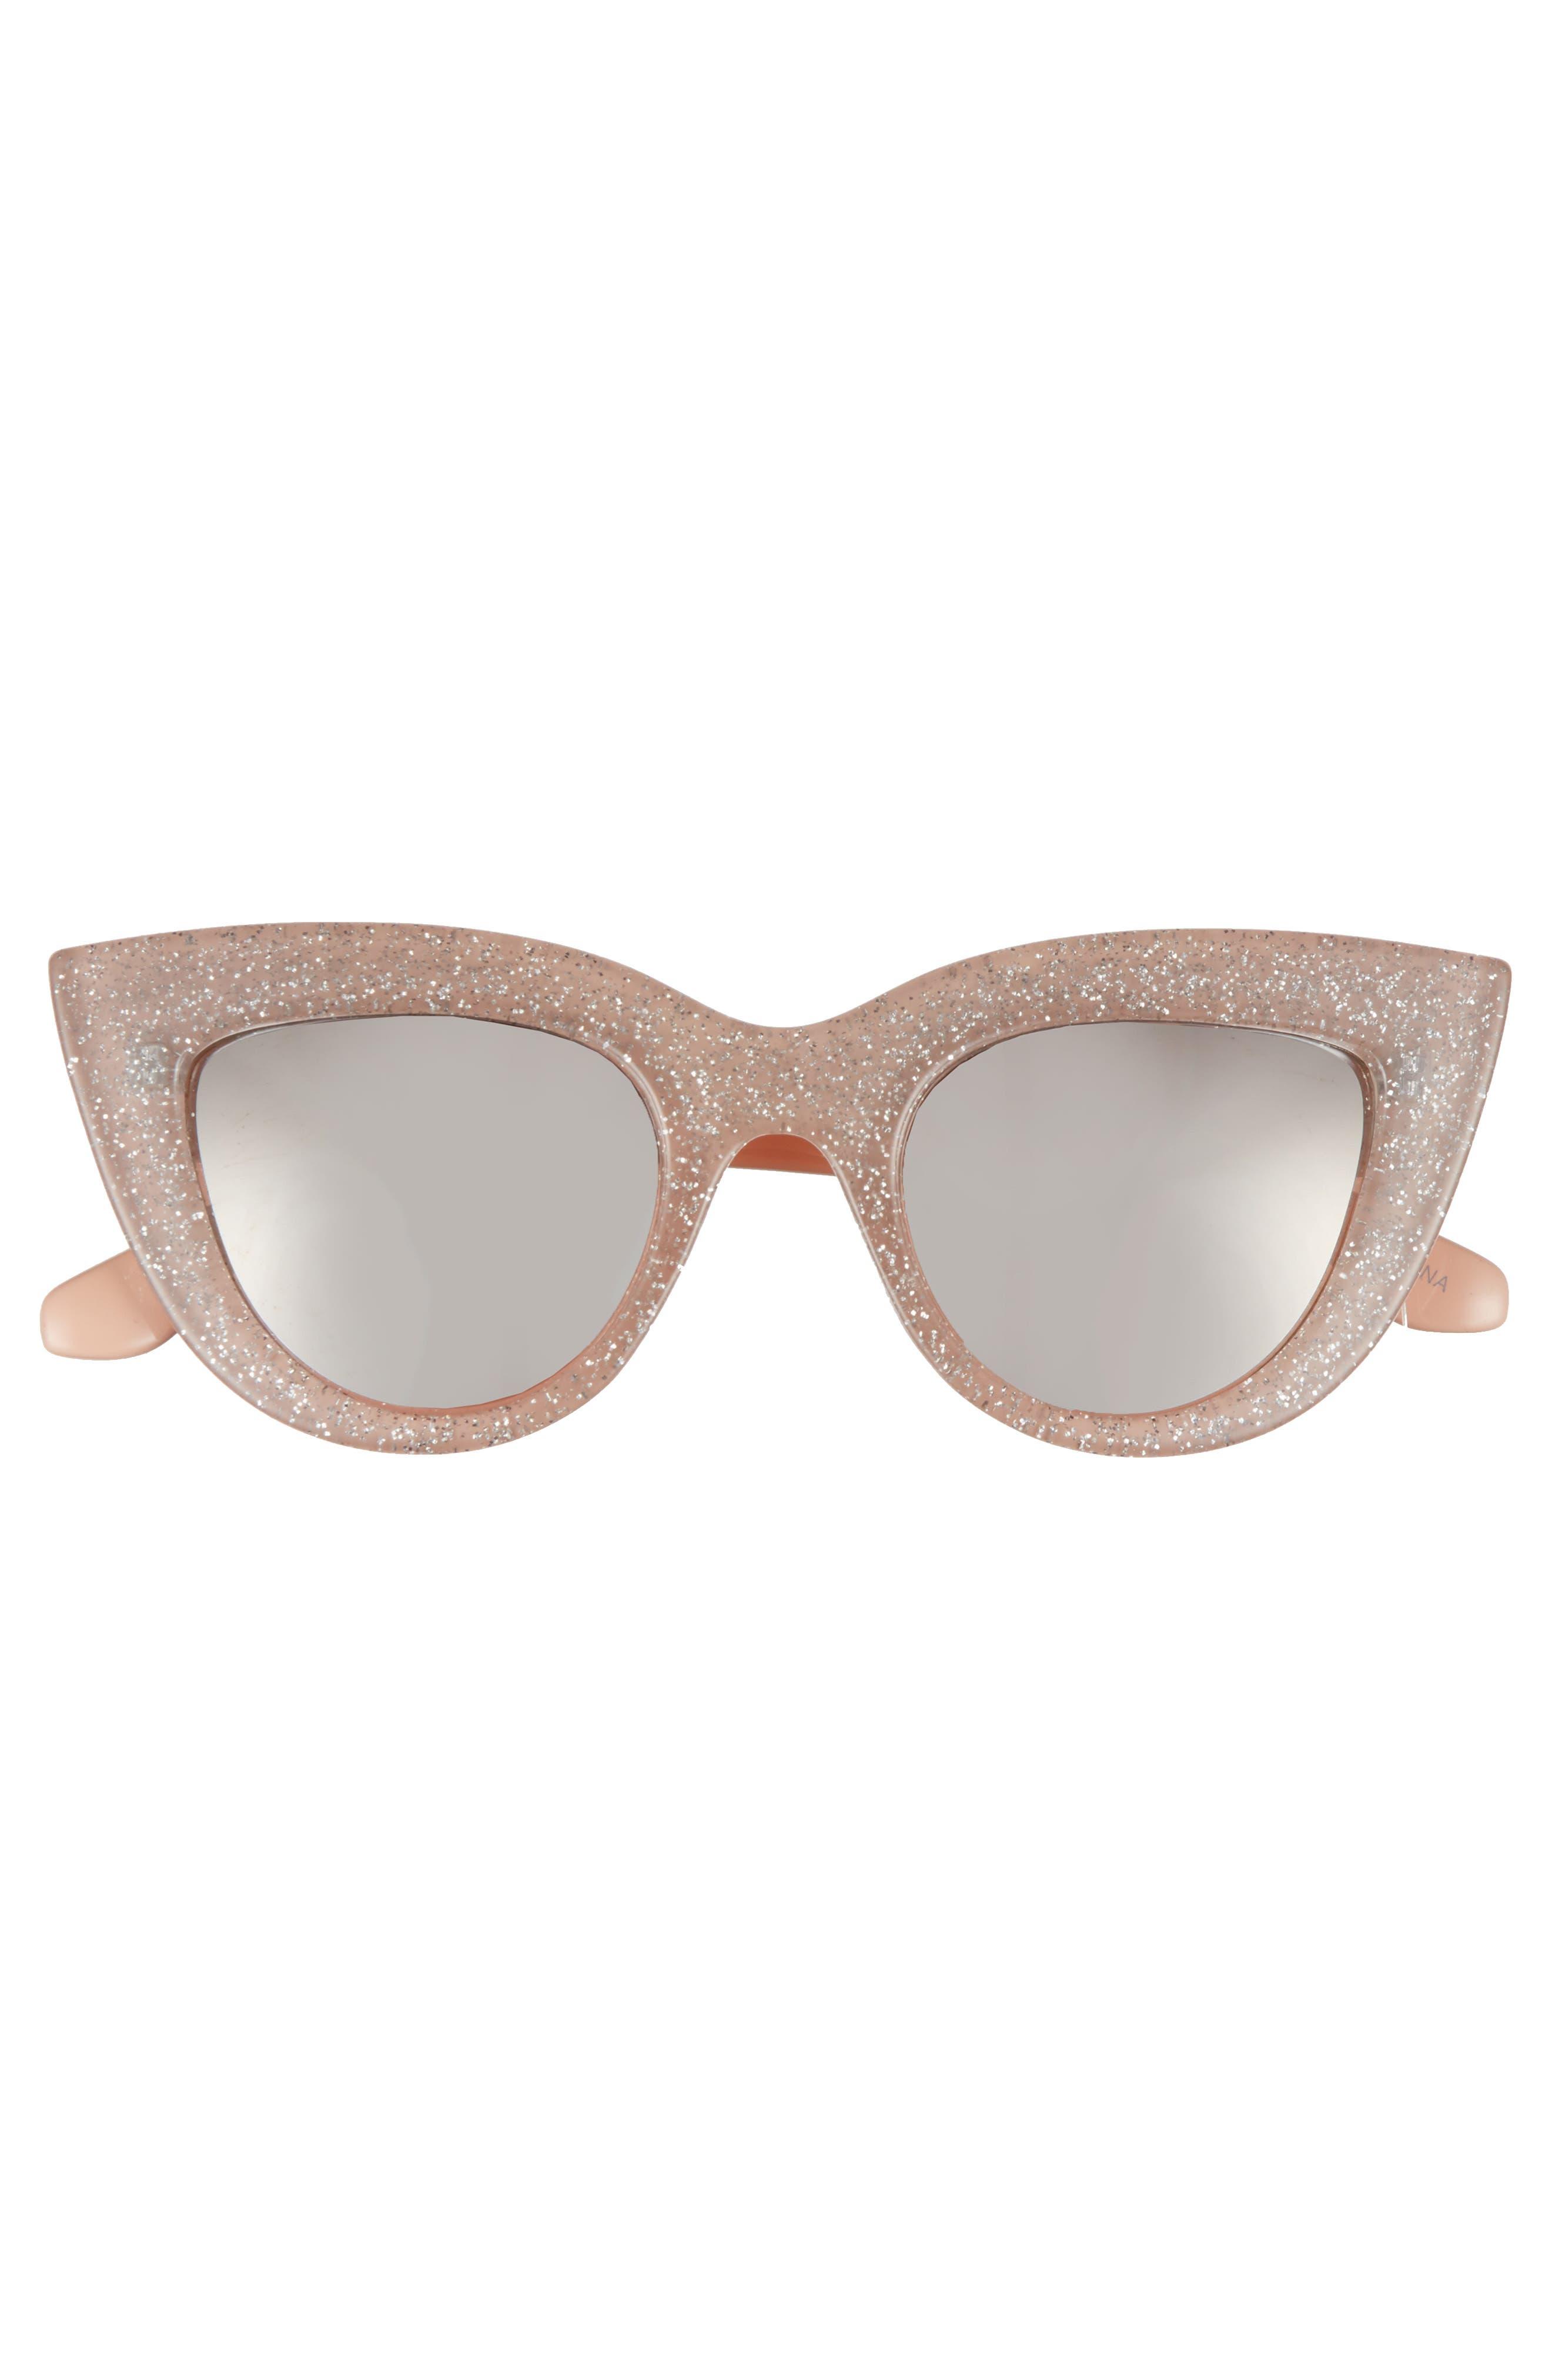 45mm Glitter Cat Eye Sunglasses,                             Alternate thumbnail 6, color,